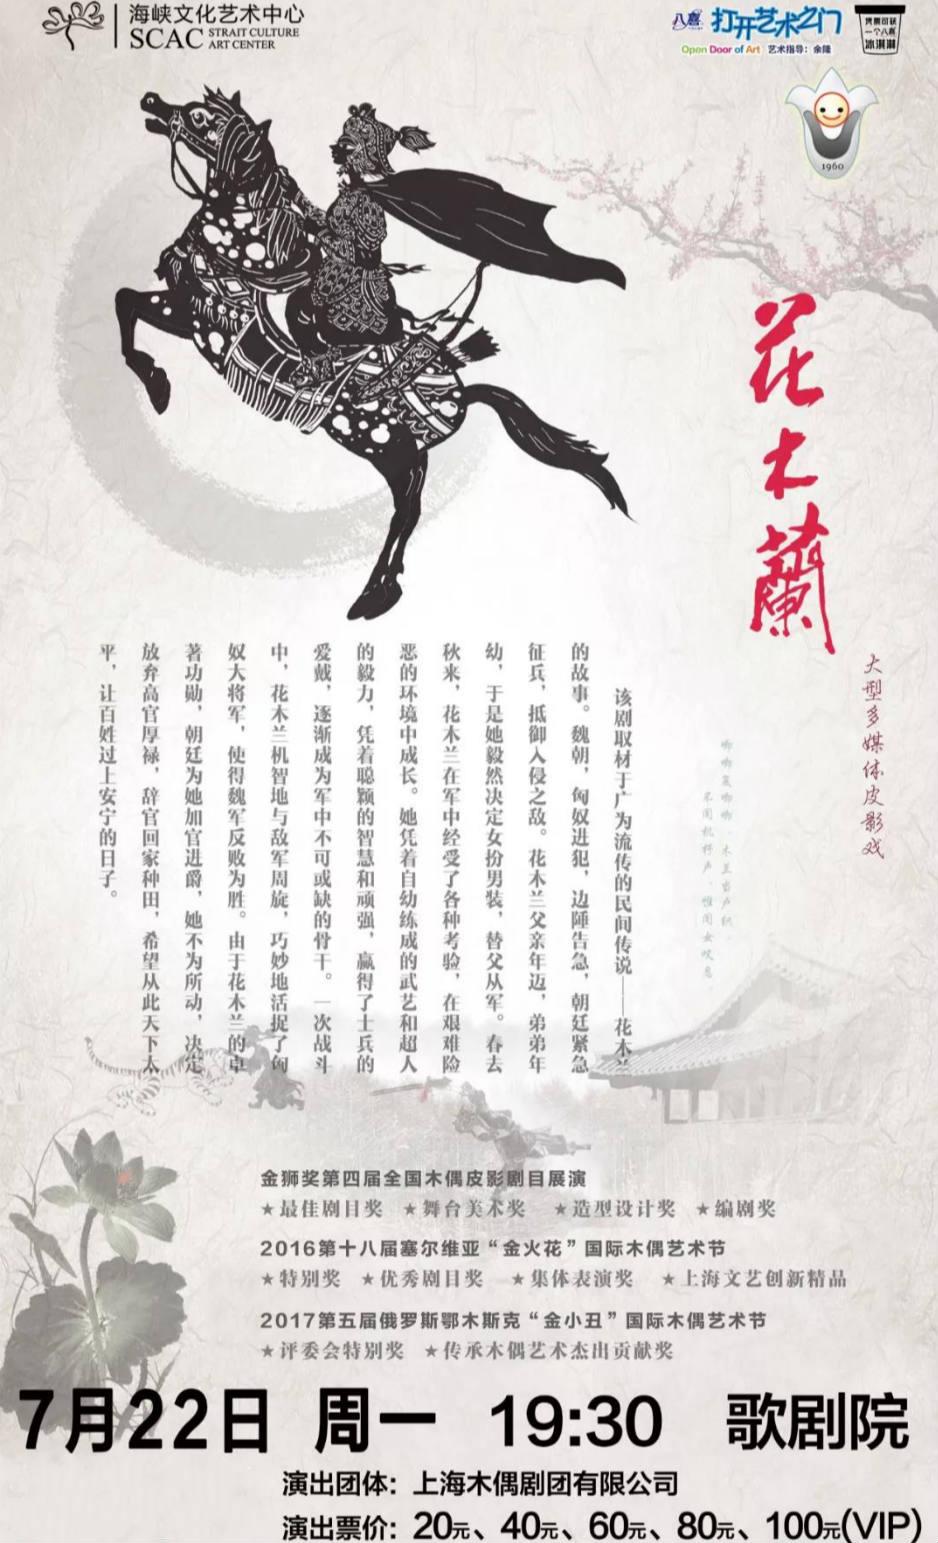 八喜•2019打开艺术之门系列大型多媒体皮影剧《花木兰》福州站